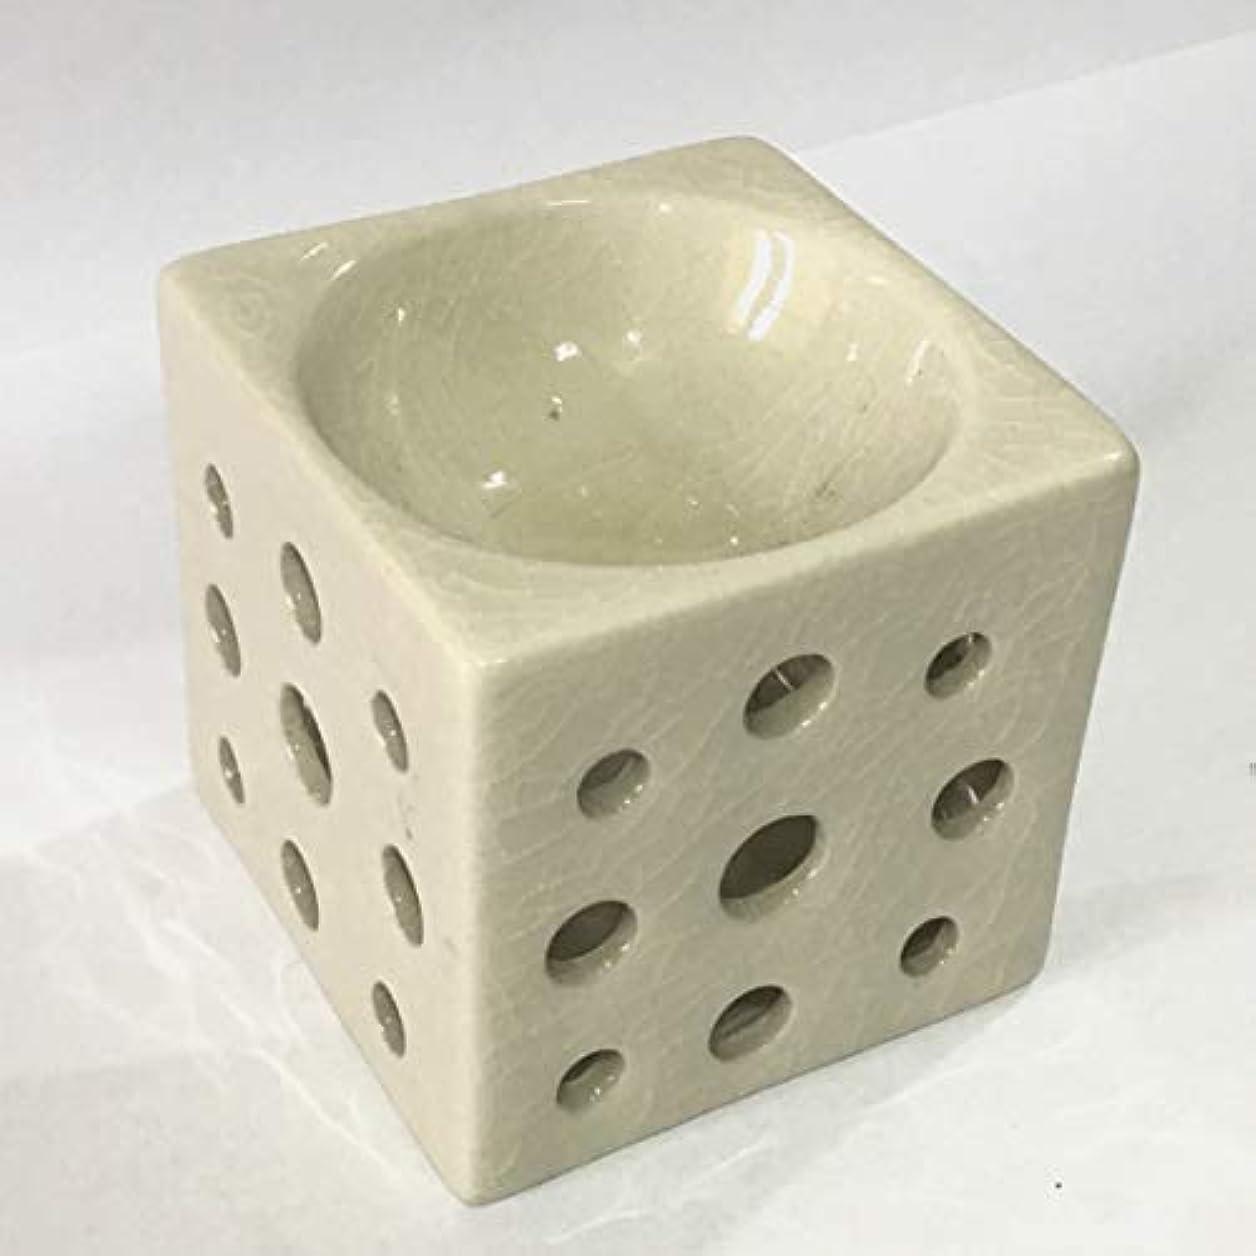 ショッピングセンター拒絶する重くするアロマポット 角型(白) 香炉 陶器 アロマ炉 キャンドル式 オイルバーナー